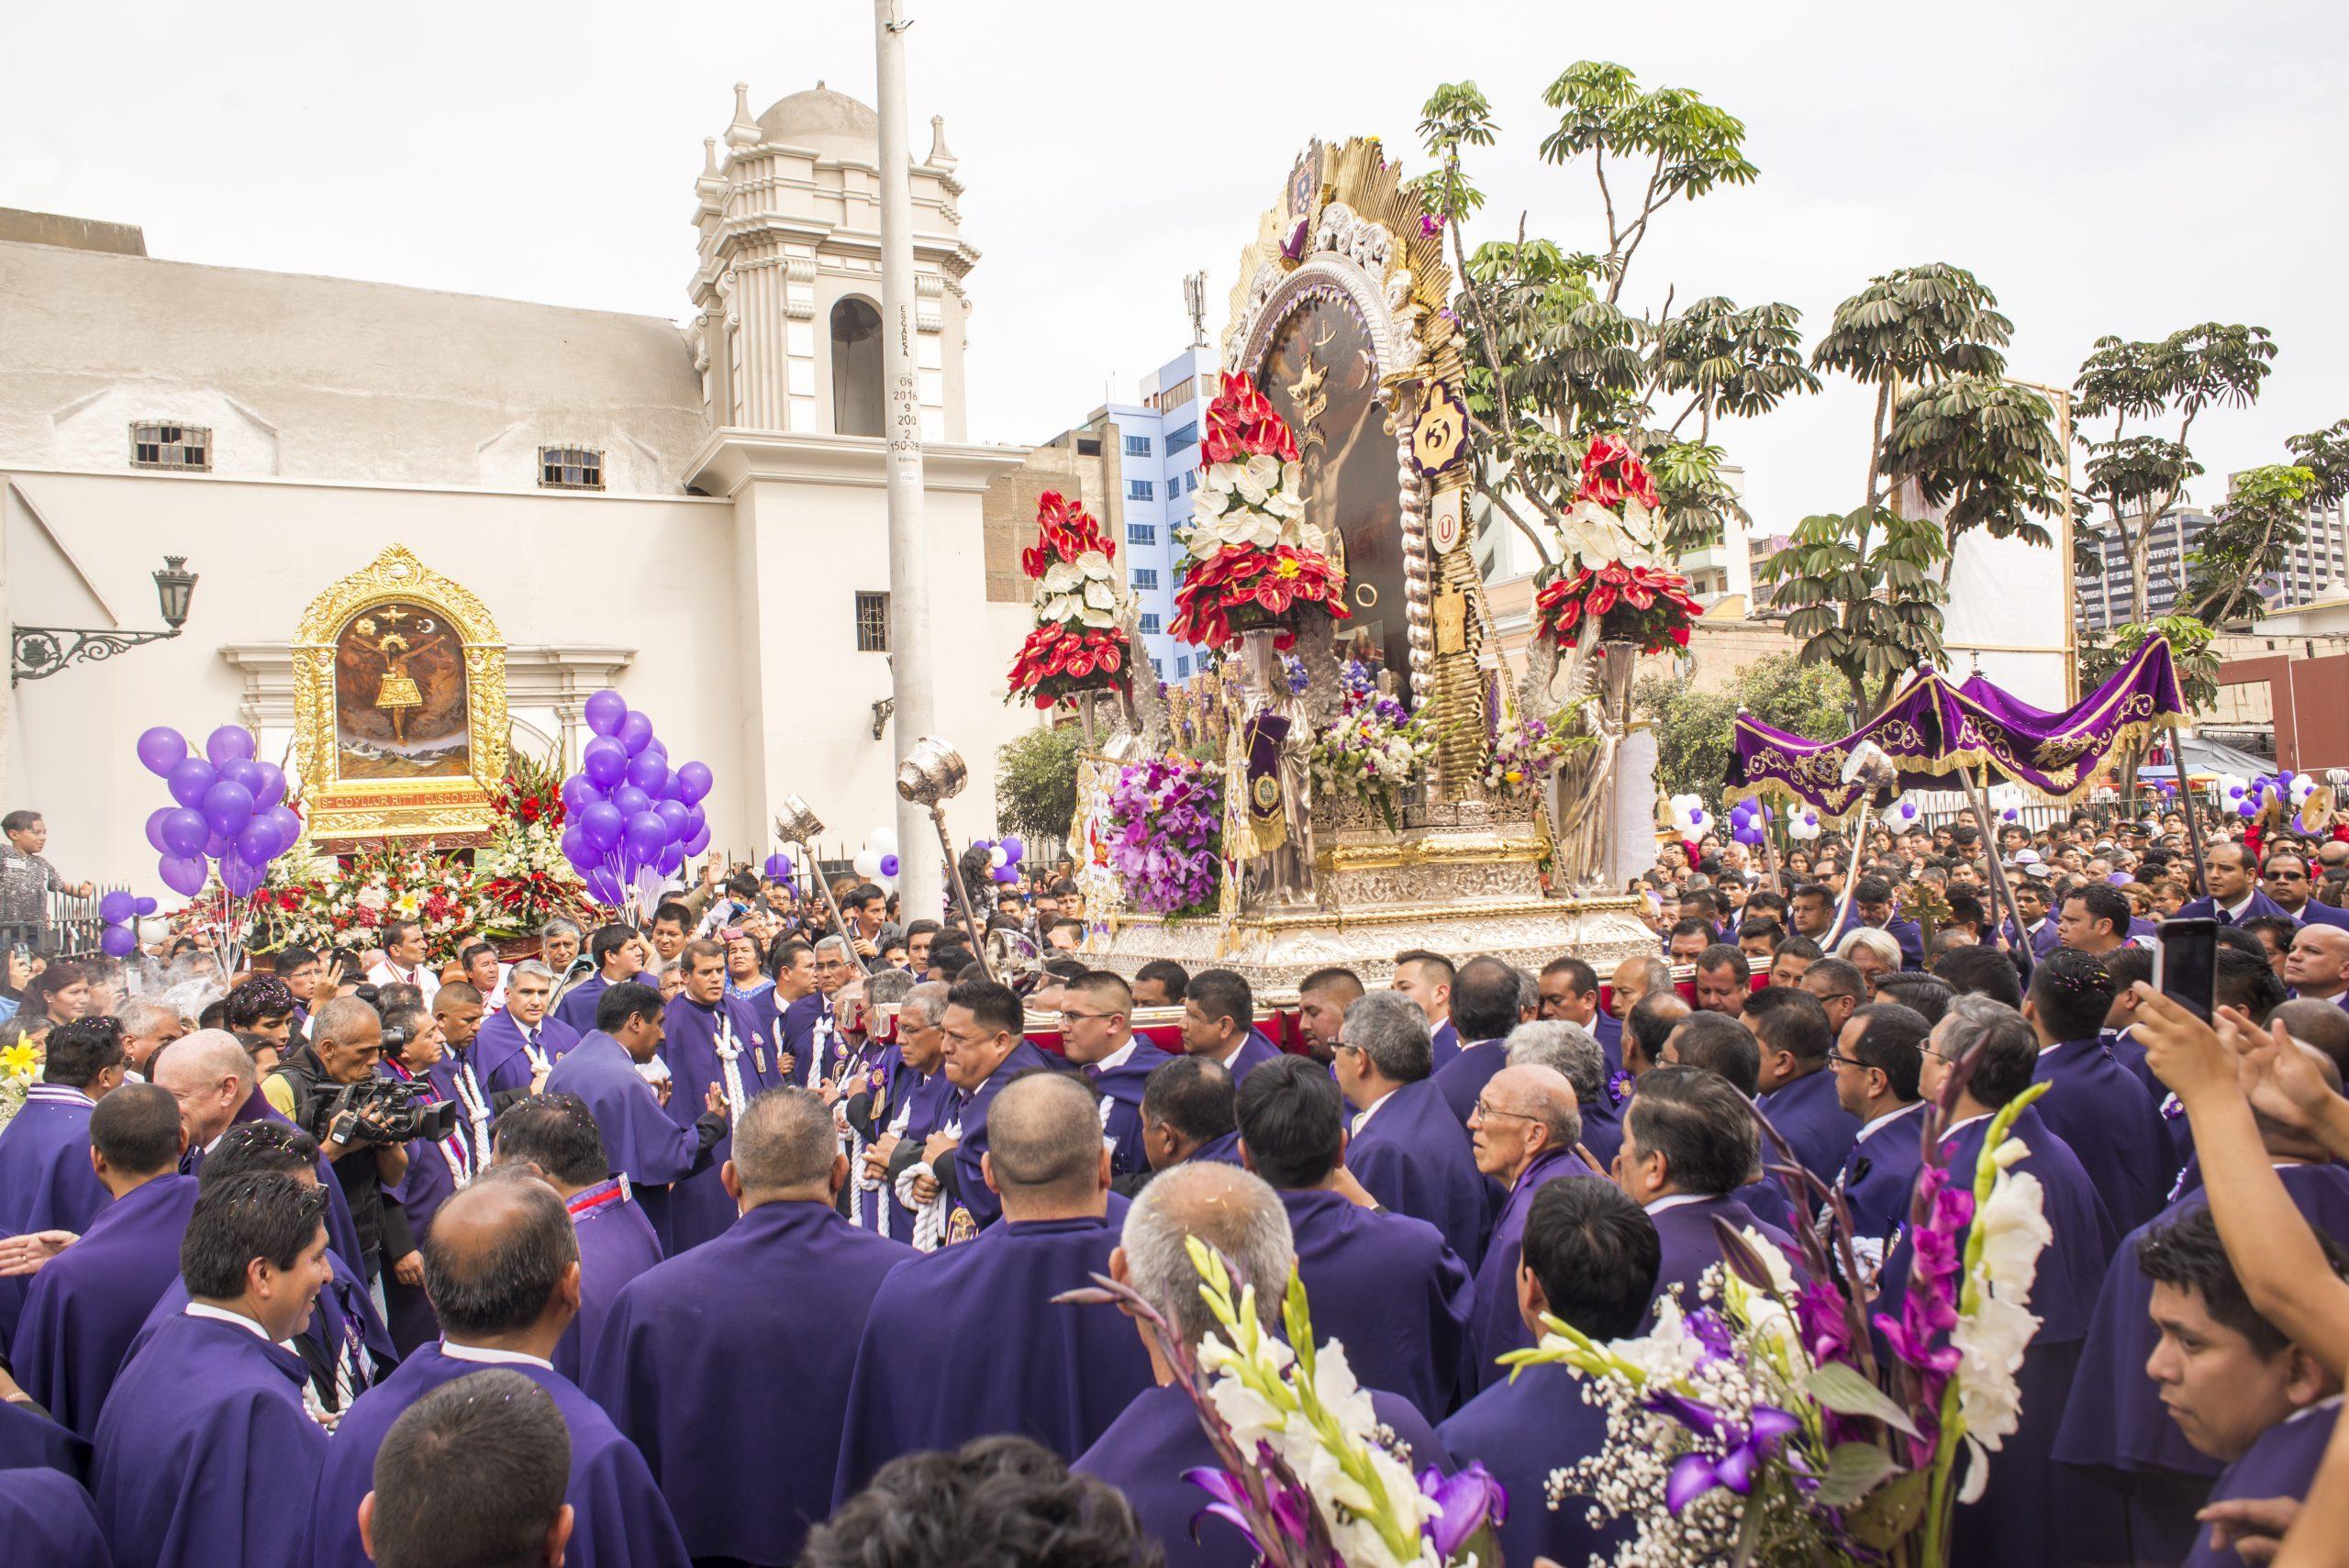 procesión señor de los milagros